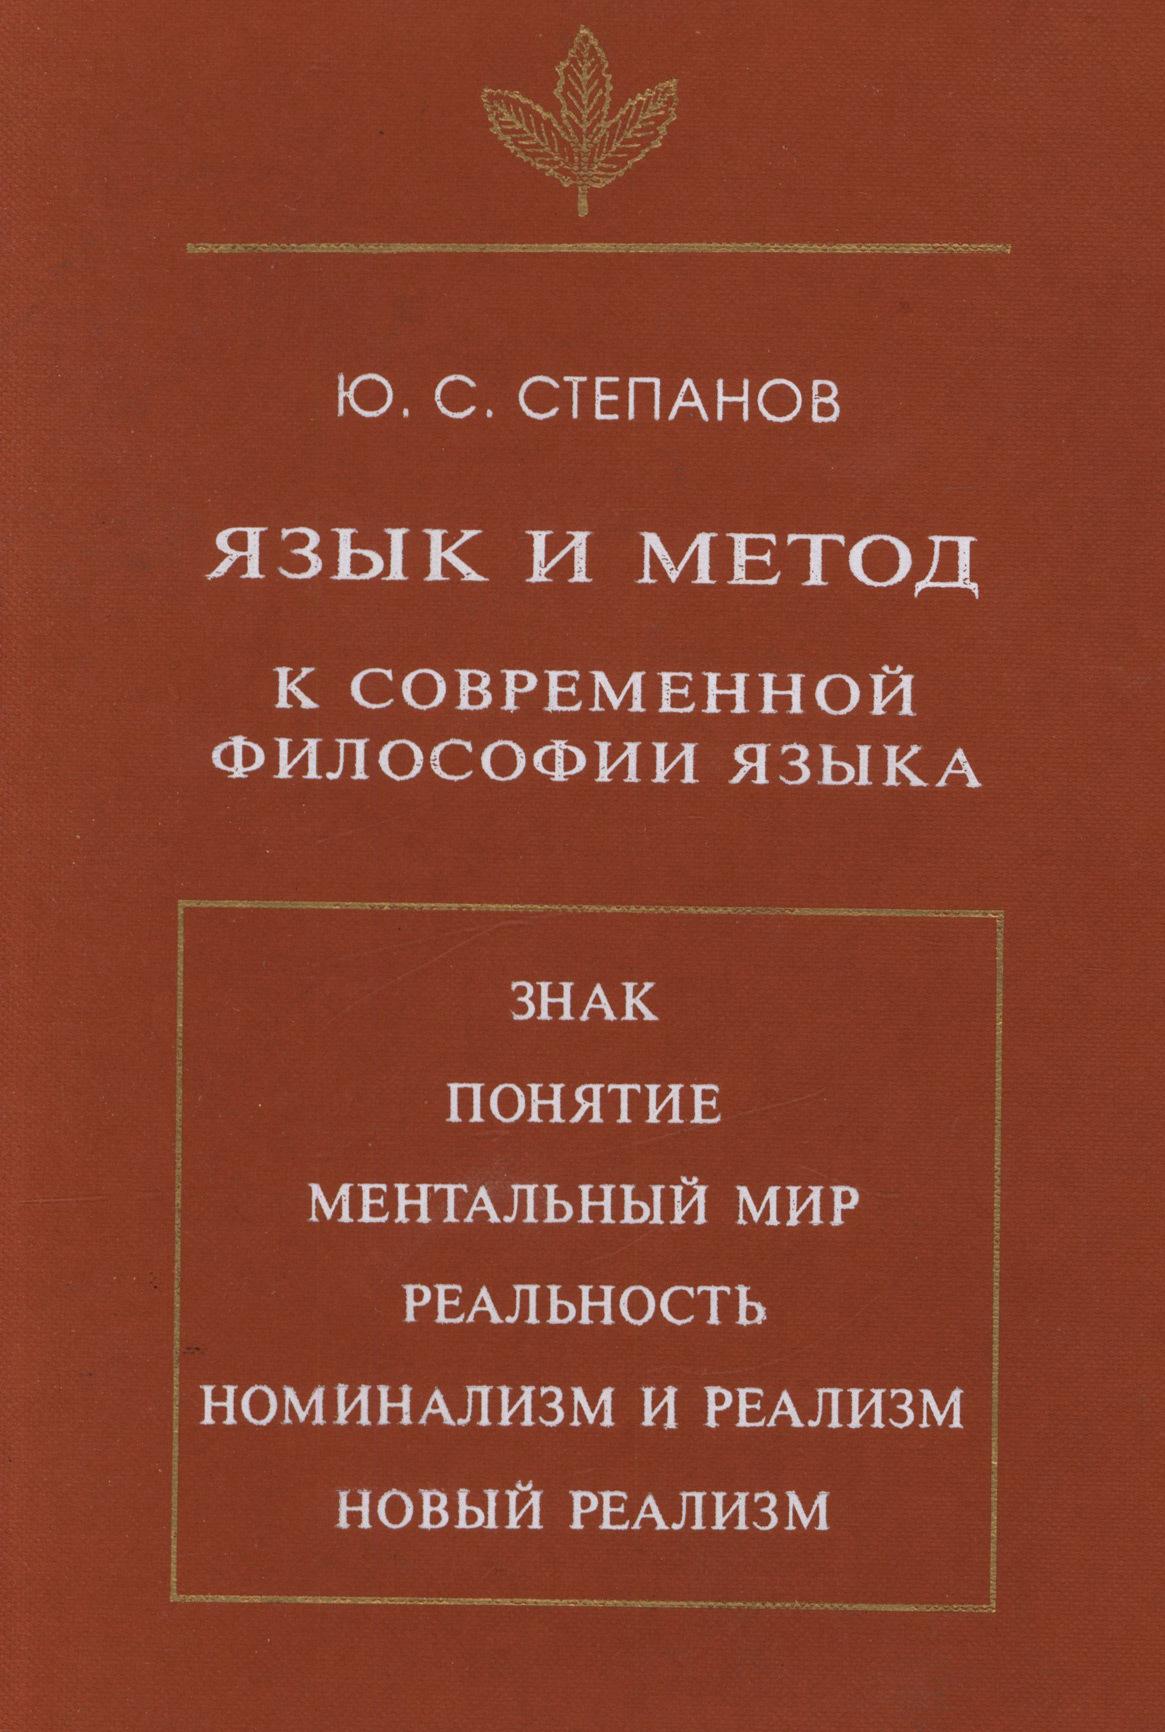 Ю. С. Степанов Язык и метод. К современной философии языка б ю норман русский язык в задачах и ответах